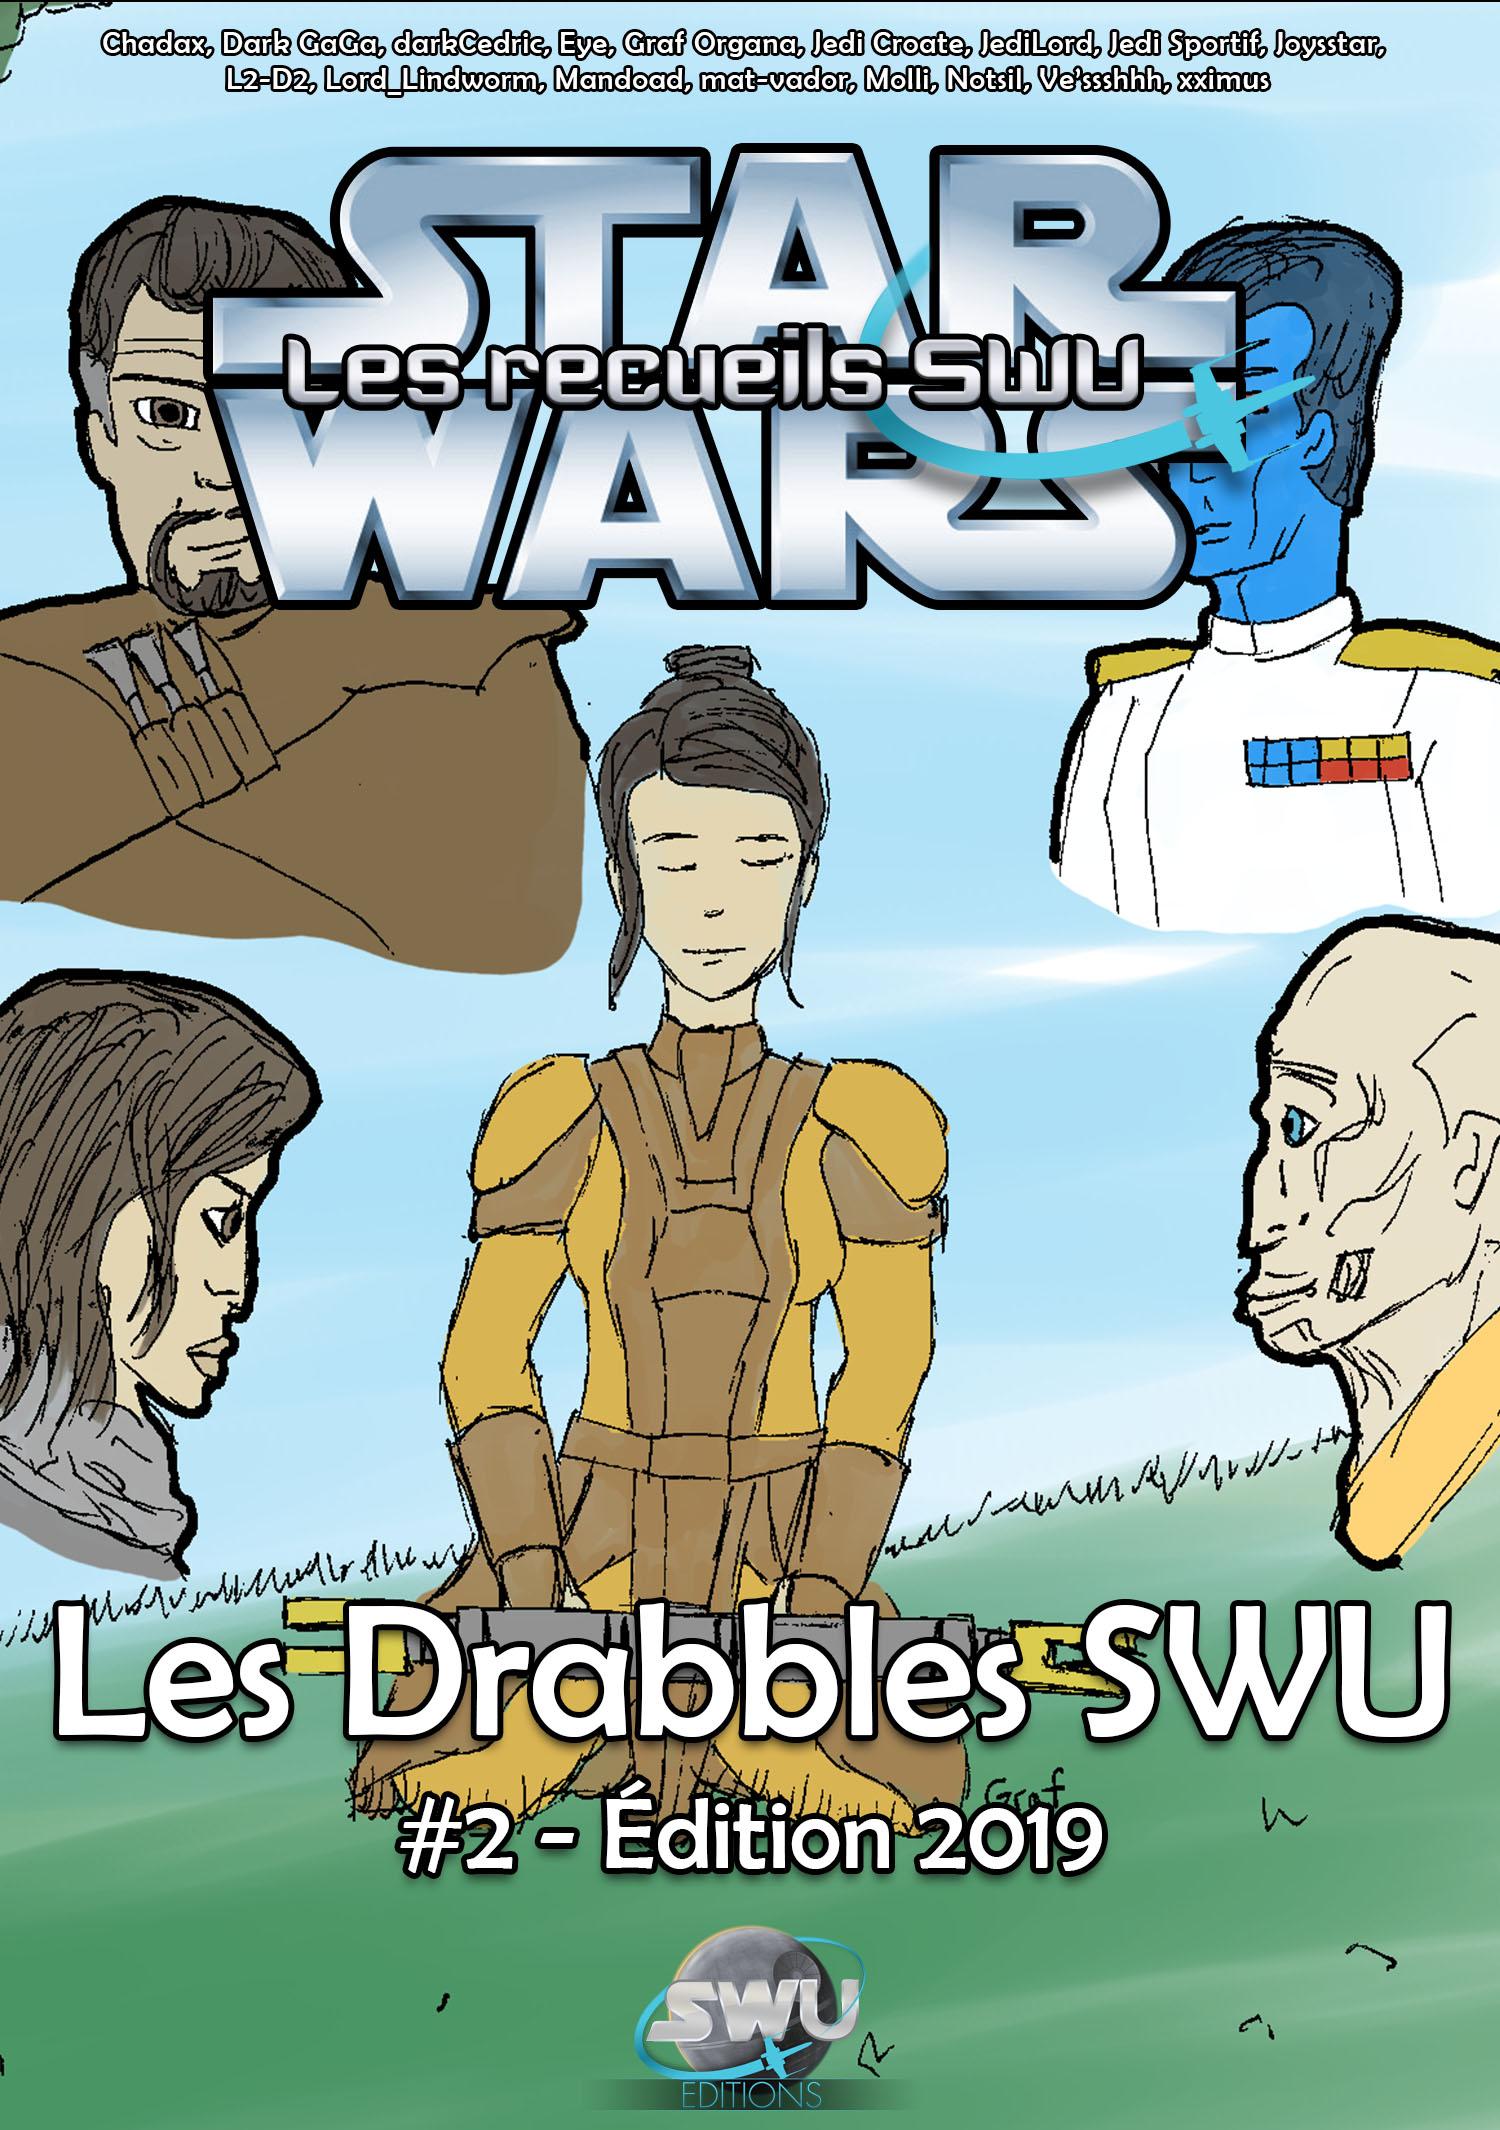 Les Drabbles SWU #2 - Novembre 2019